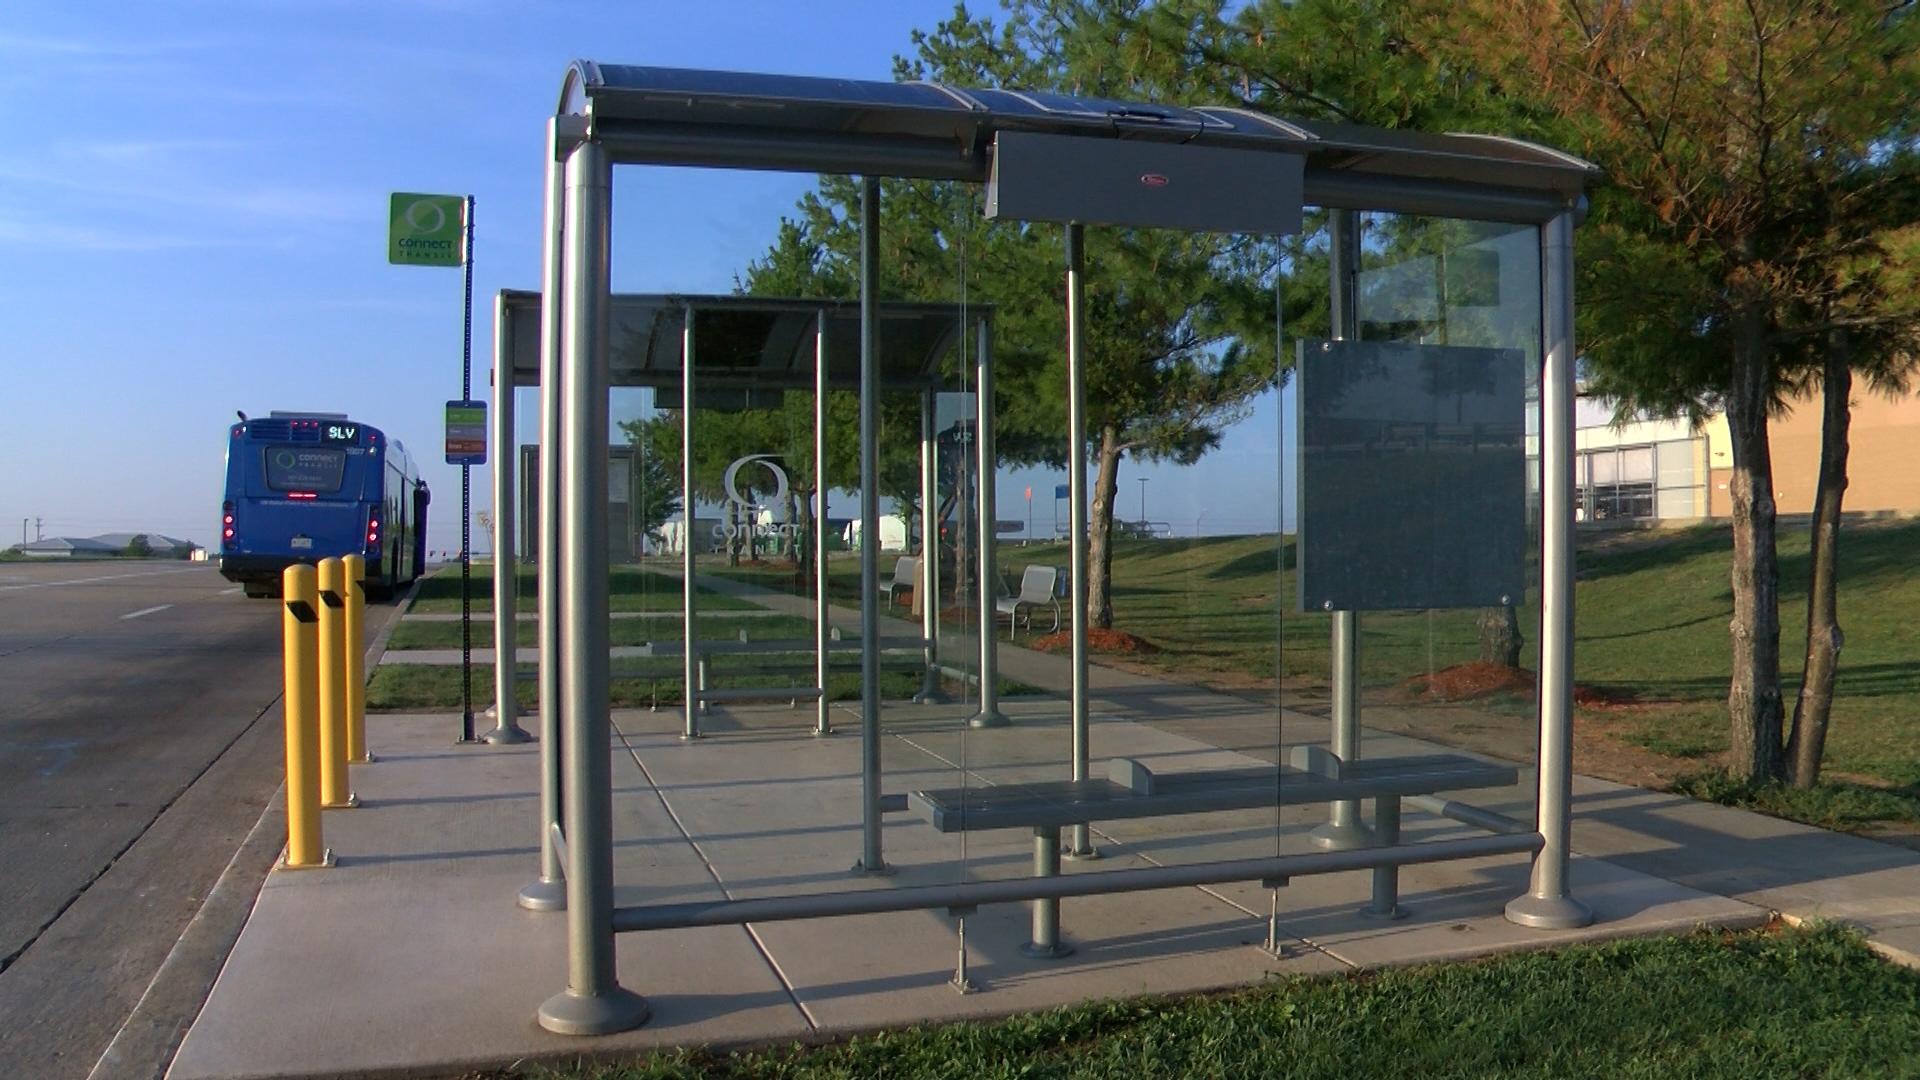 Bus stop_1535049396267.jpg.jpg